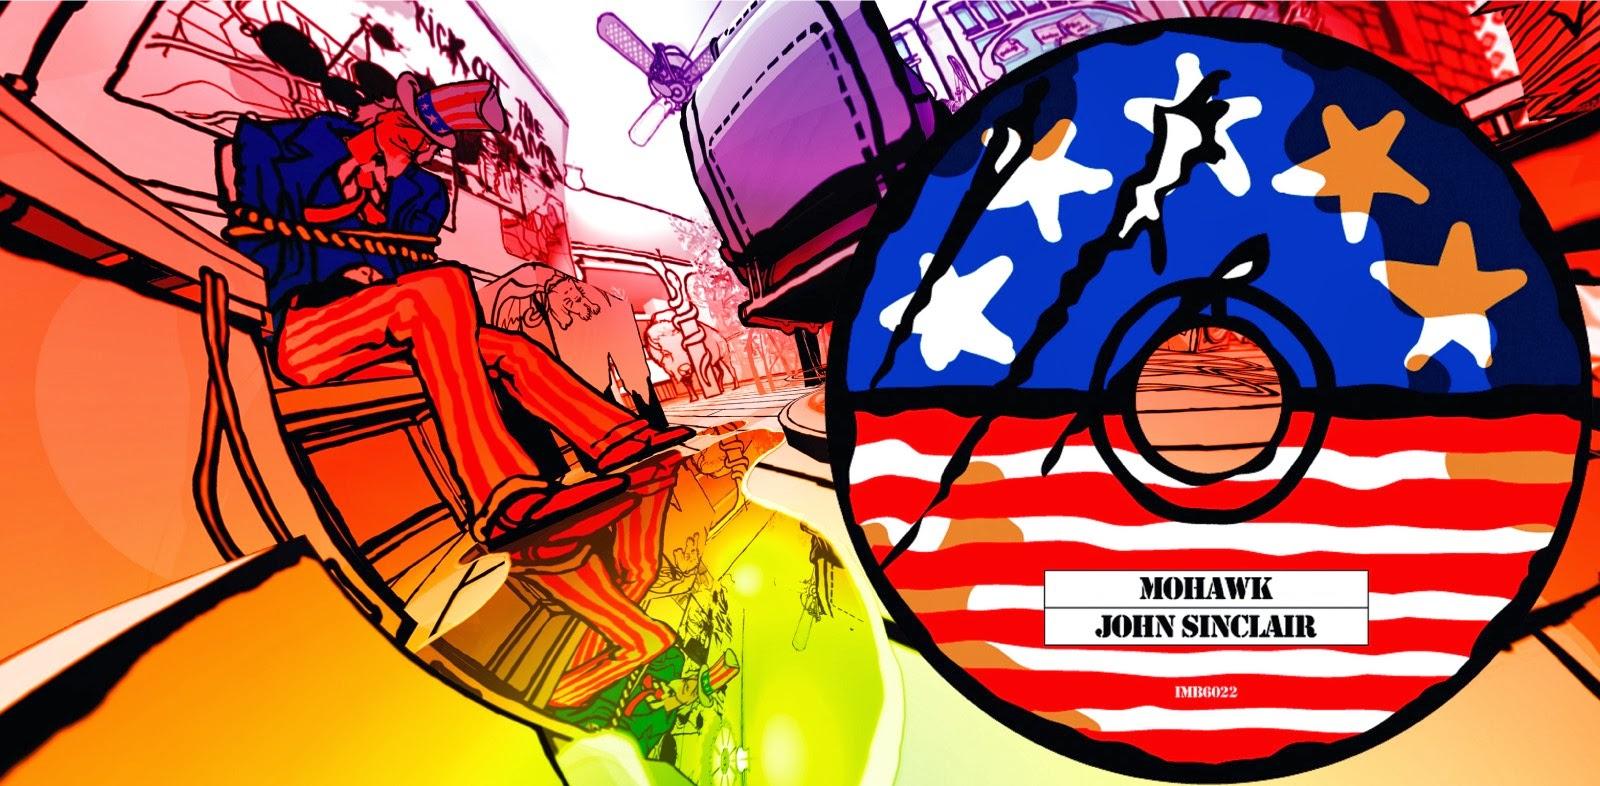 Mohawk - John Sinclair